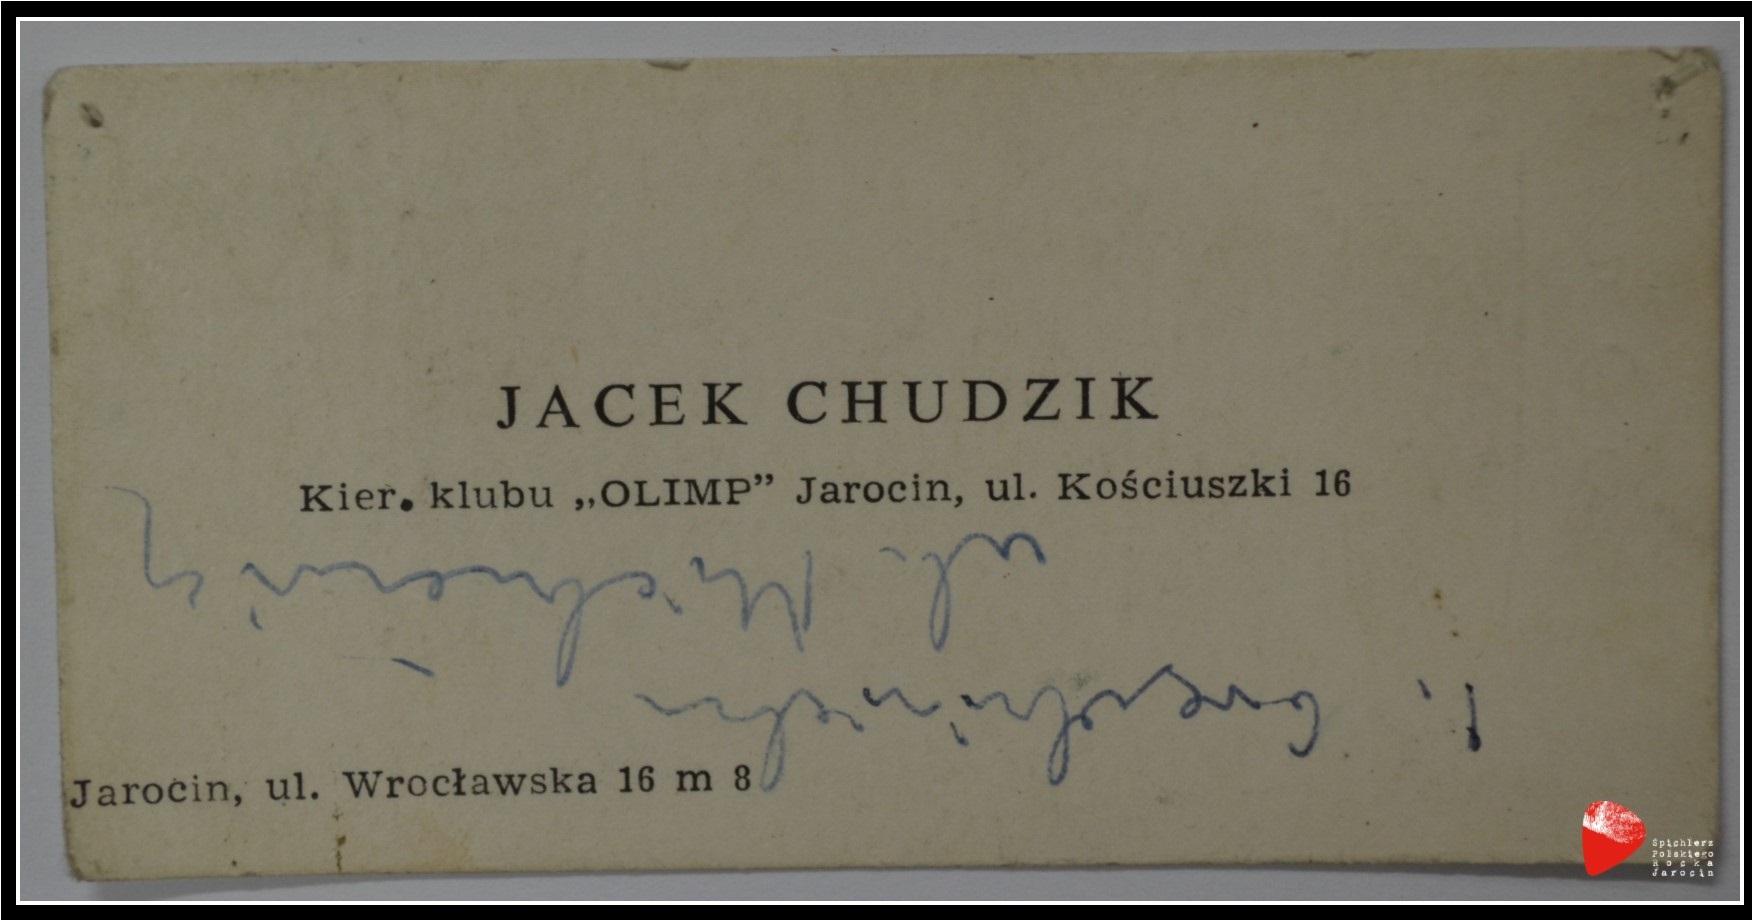 Wizytówka Jacka Chudzika.